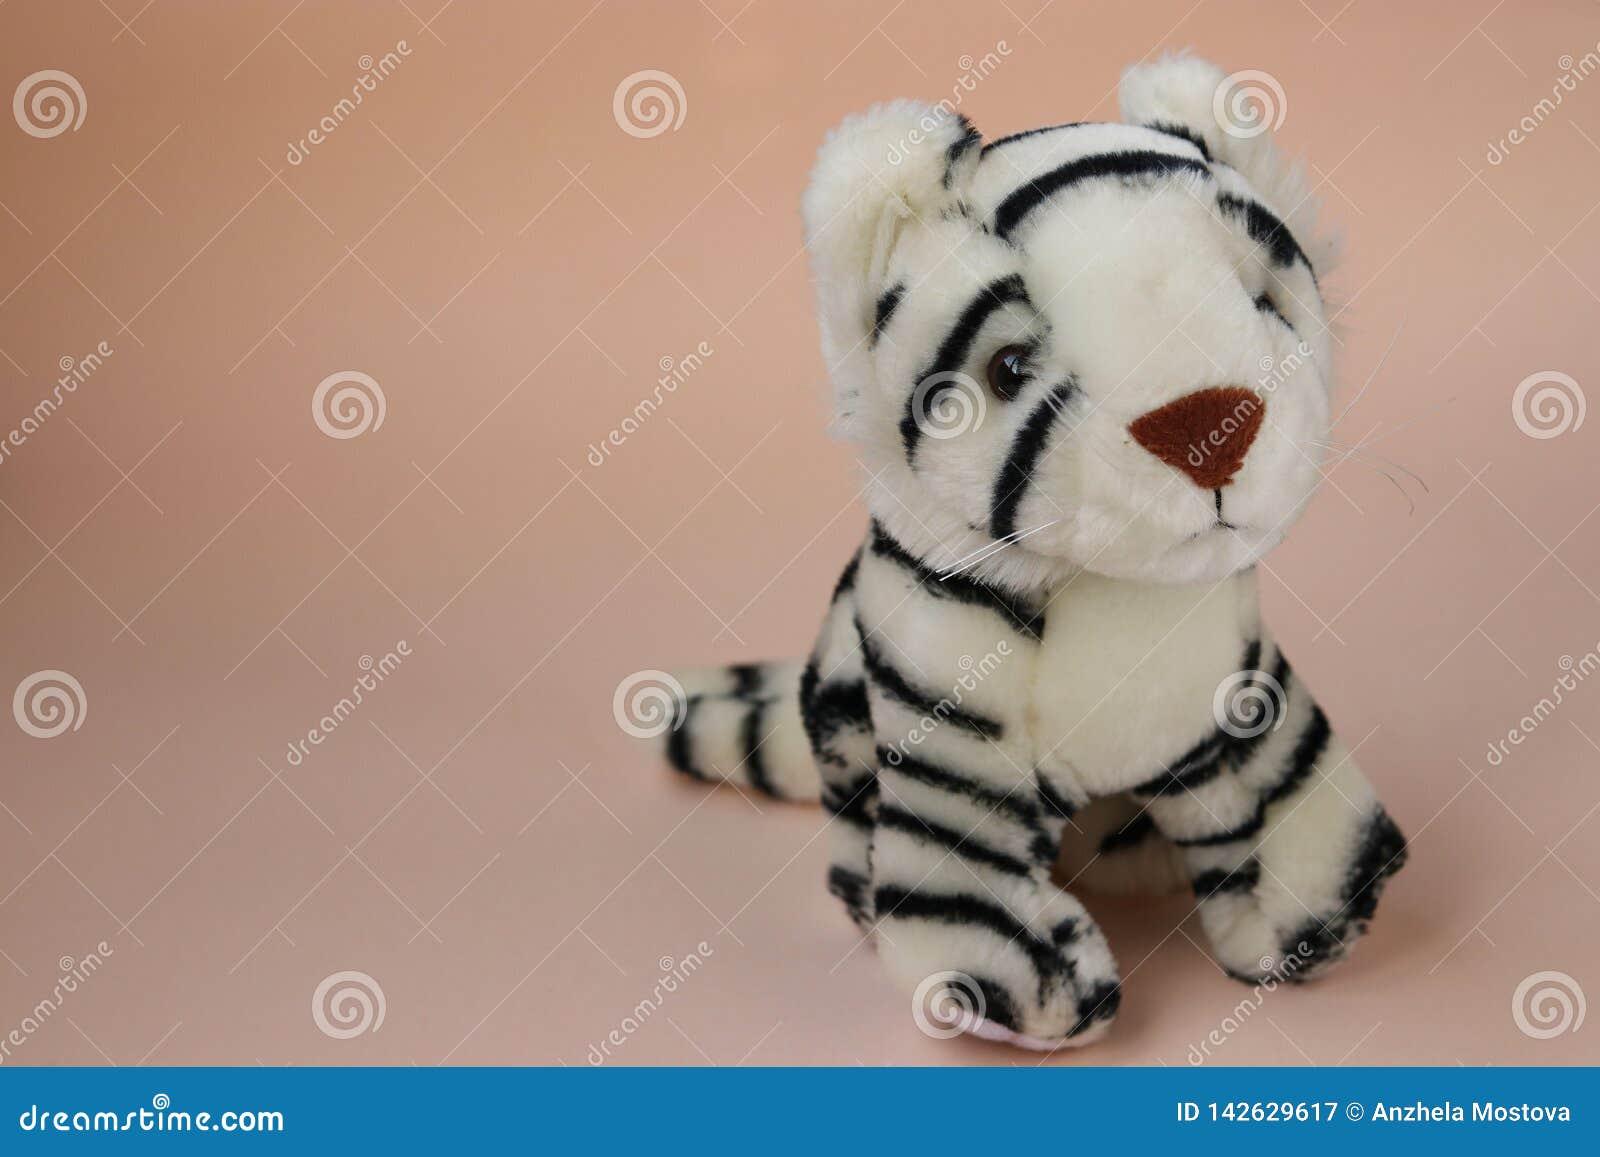 Stuk speelgoed witte tijgerwelp op perzikachtergrond met bezinning van schaduw